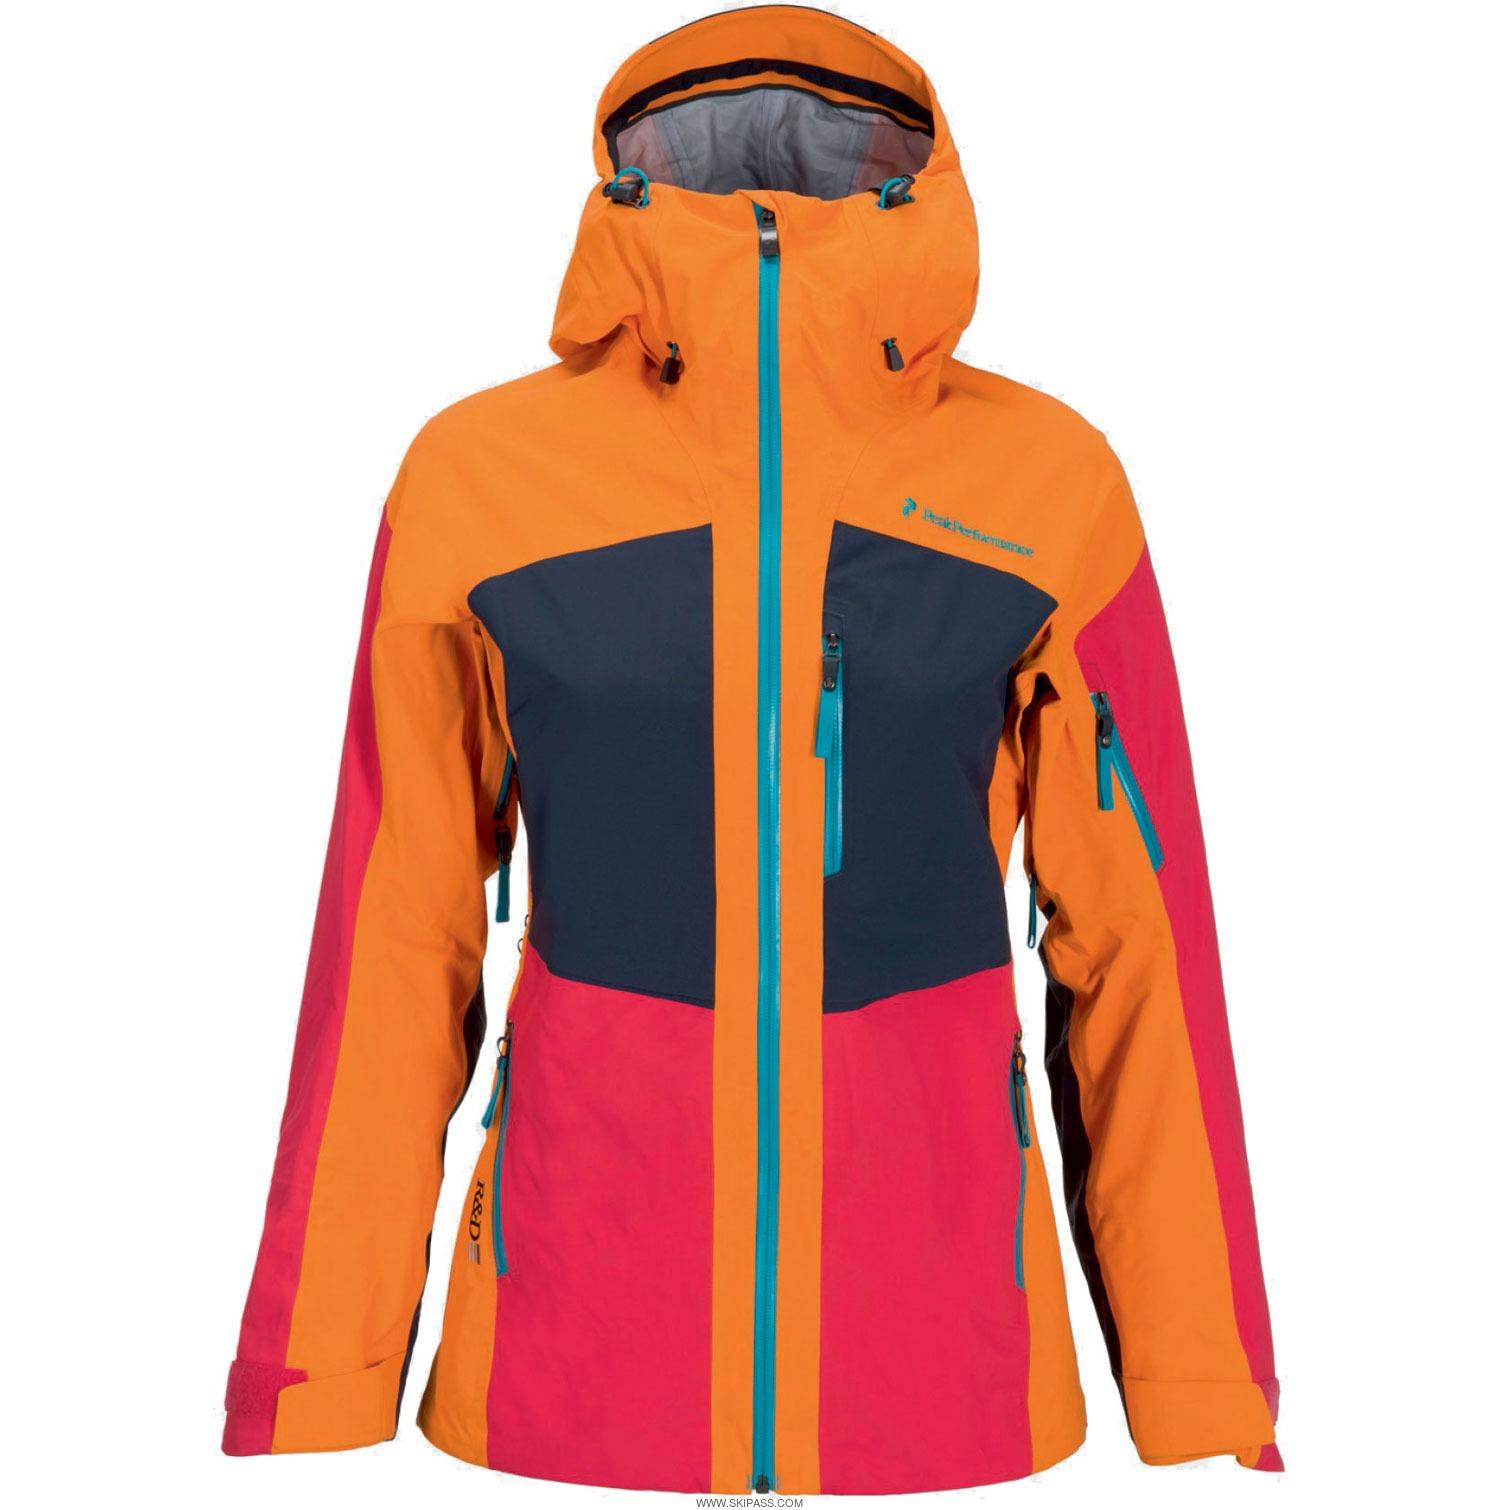 Veste ski femme peak performance